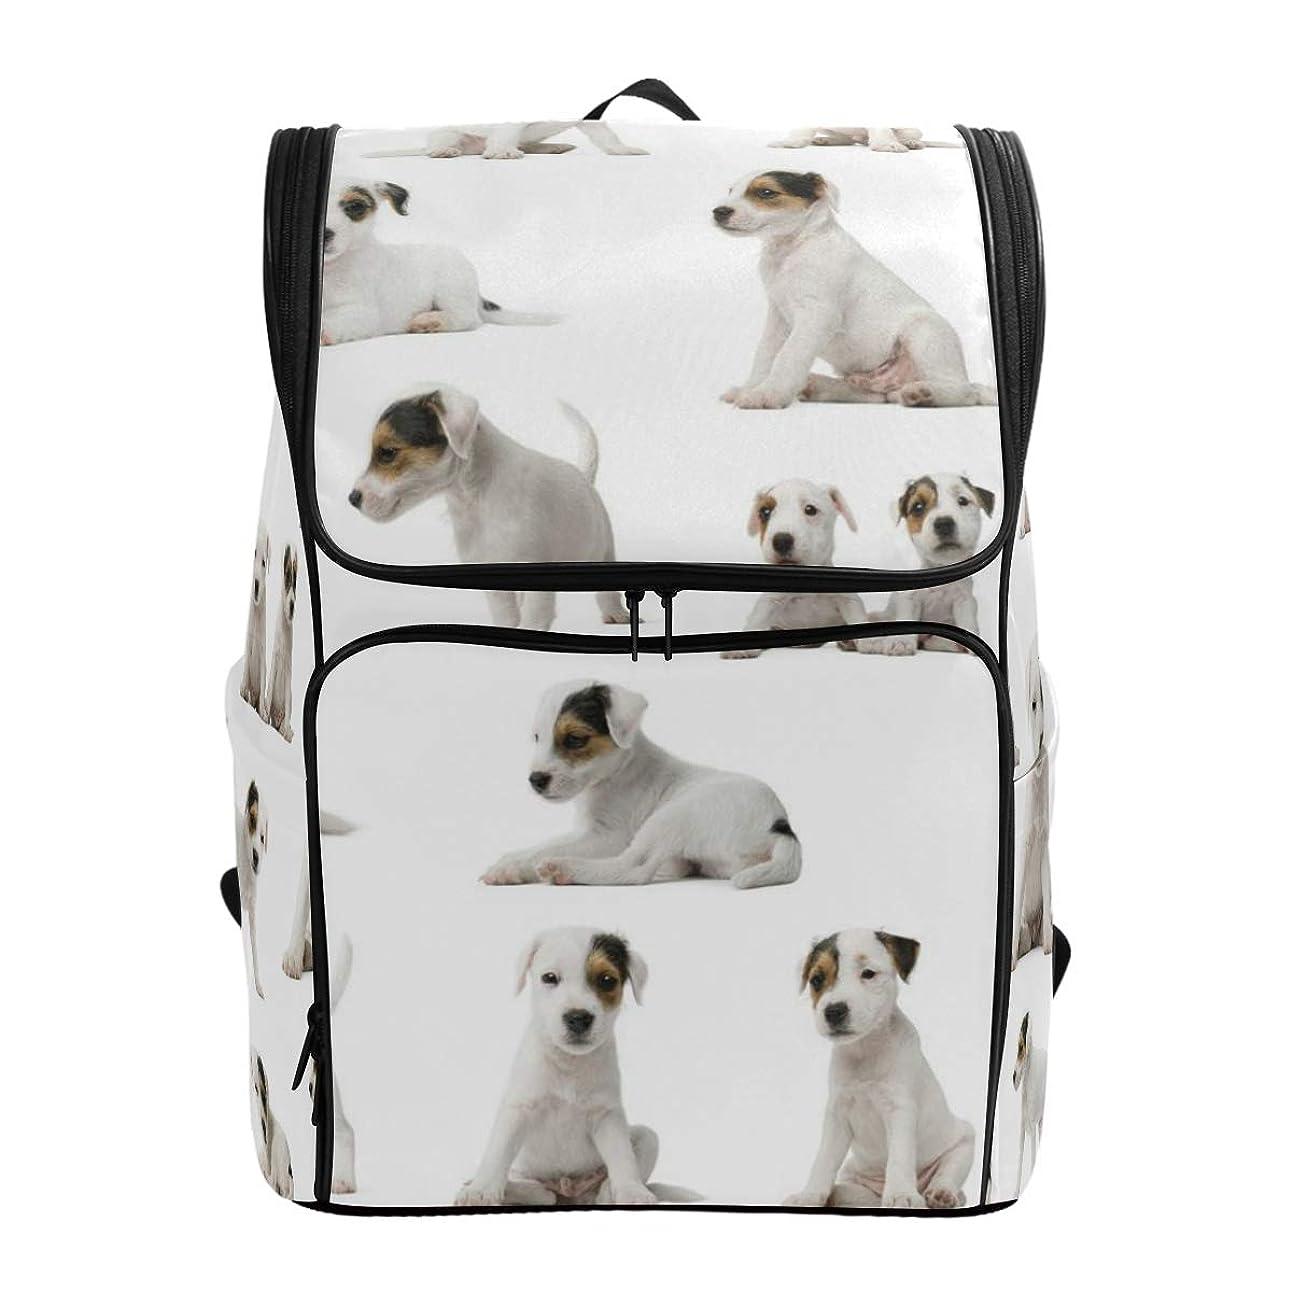 所属大臣横マキク(MAKIKU) リュック 大容量 リュックサック 犬 犬柄 レディーズ メンズ 登山 通学 通勤 旅行 プレゼント対応